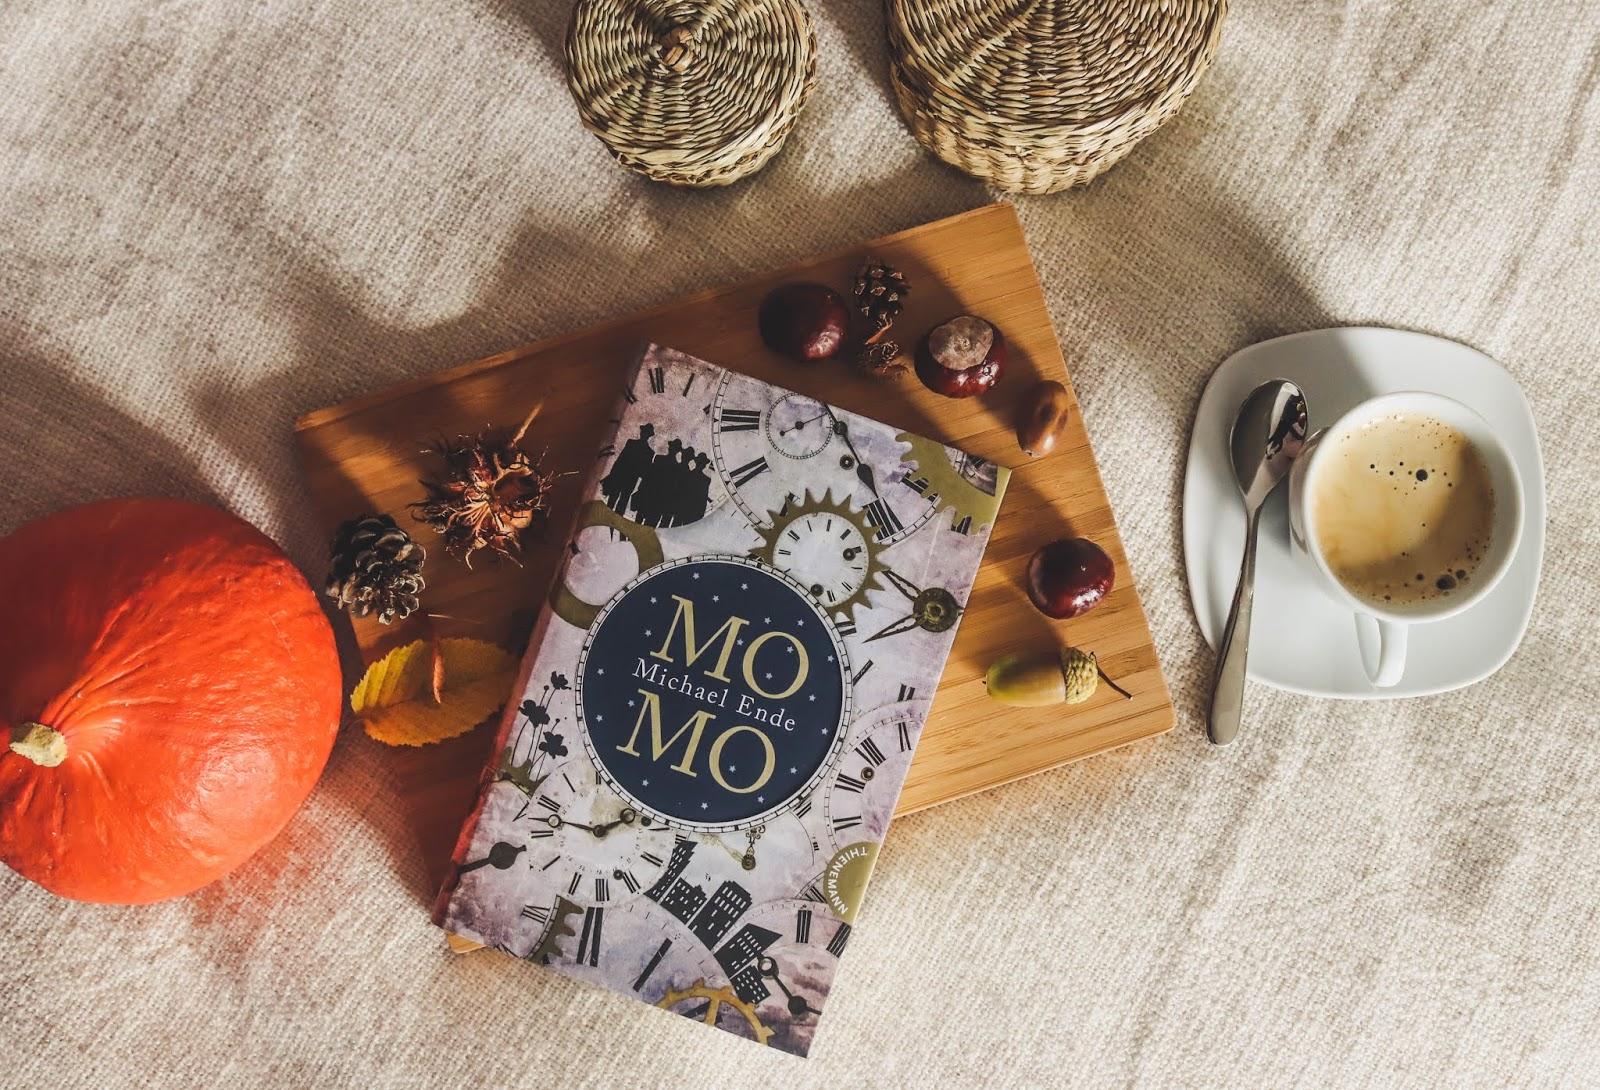 Buchtipp Momo Ein Kinderbuchklassiker Von Michael Ende Miss